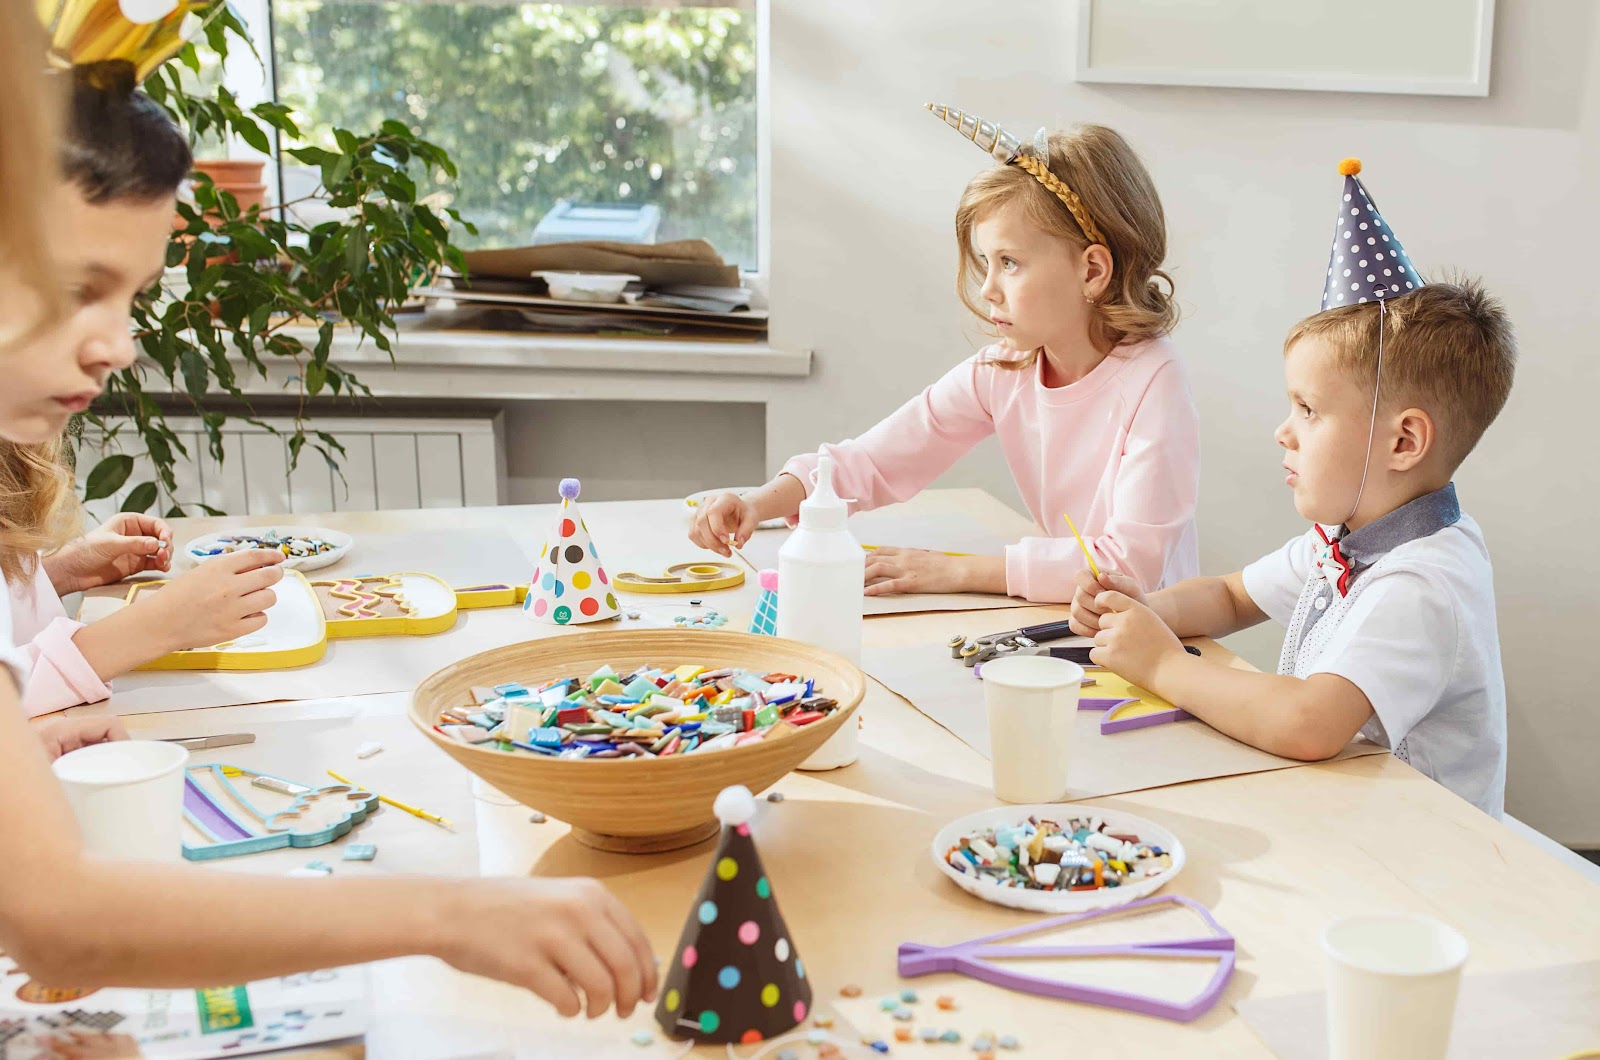 мастер-класс по мозаике для детей дети делают поделки из мозаики